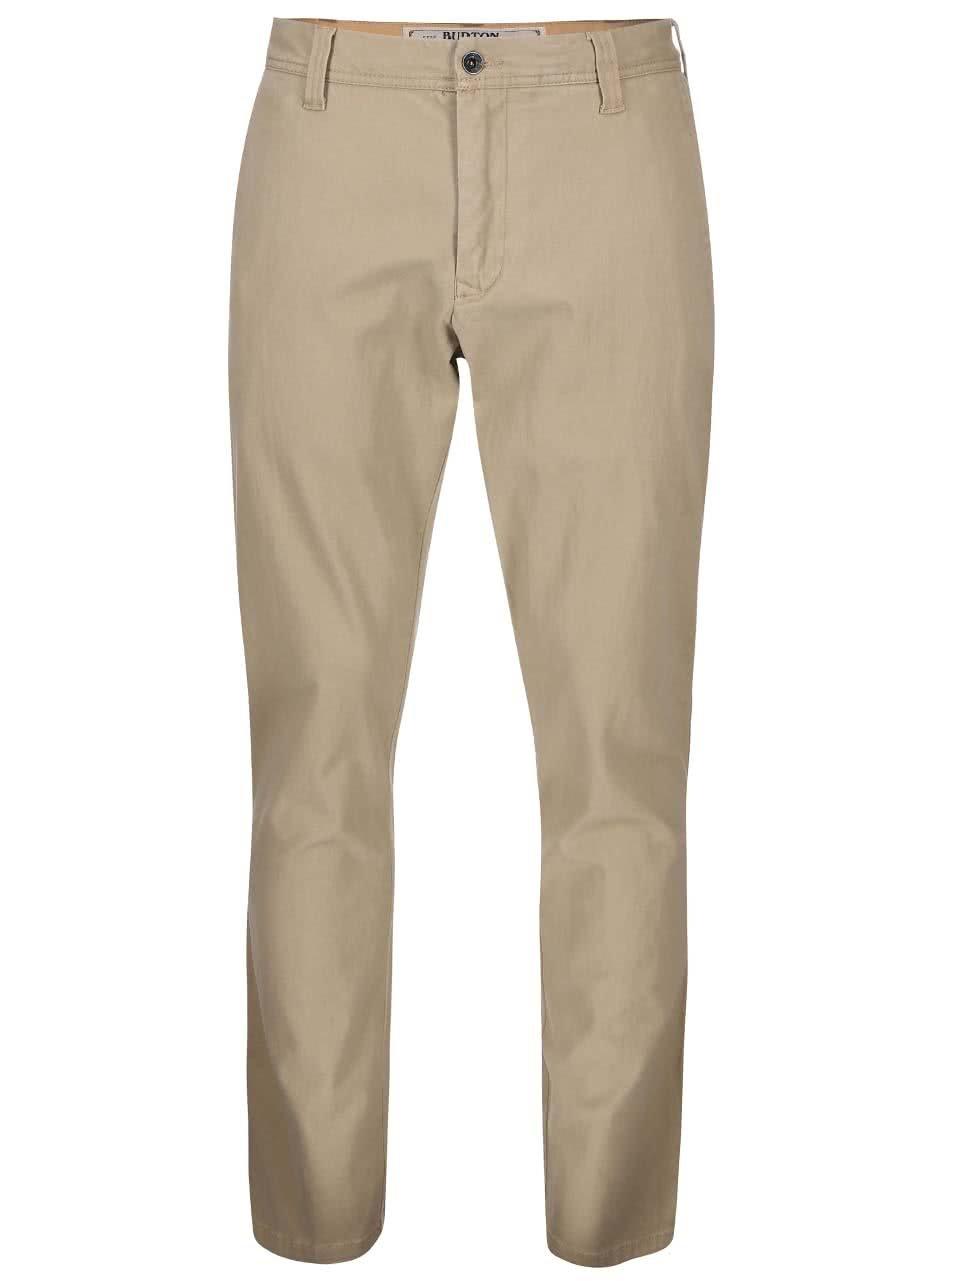 Béžové pánské kalhoty Burton Sawyer